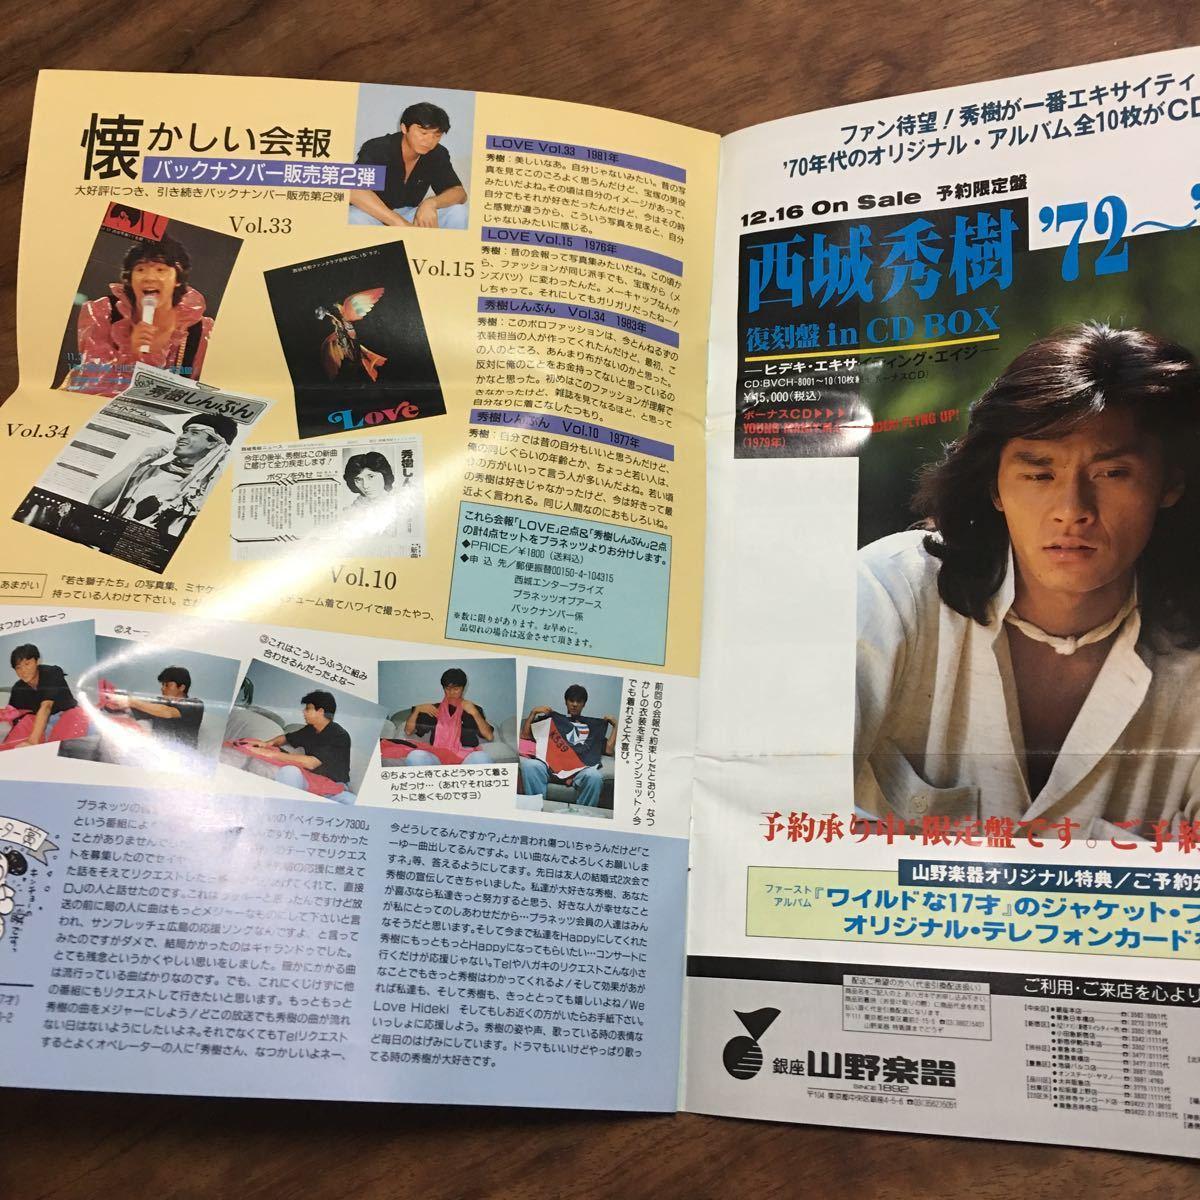 西城秀樹 ファンクラブ会報誌 DUET 1994 vol 37_画像5